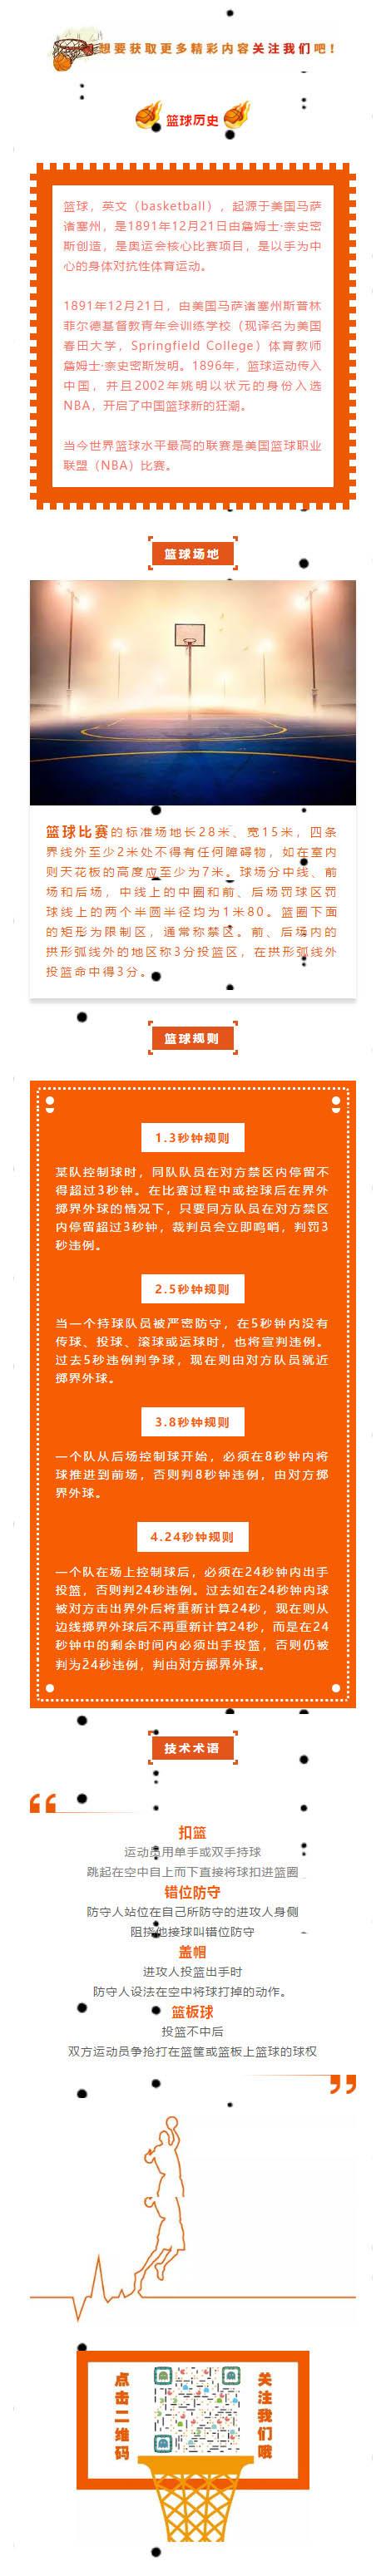 学校大学篮球赛微信推文模板公众号推送图文素材创意范文